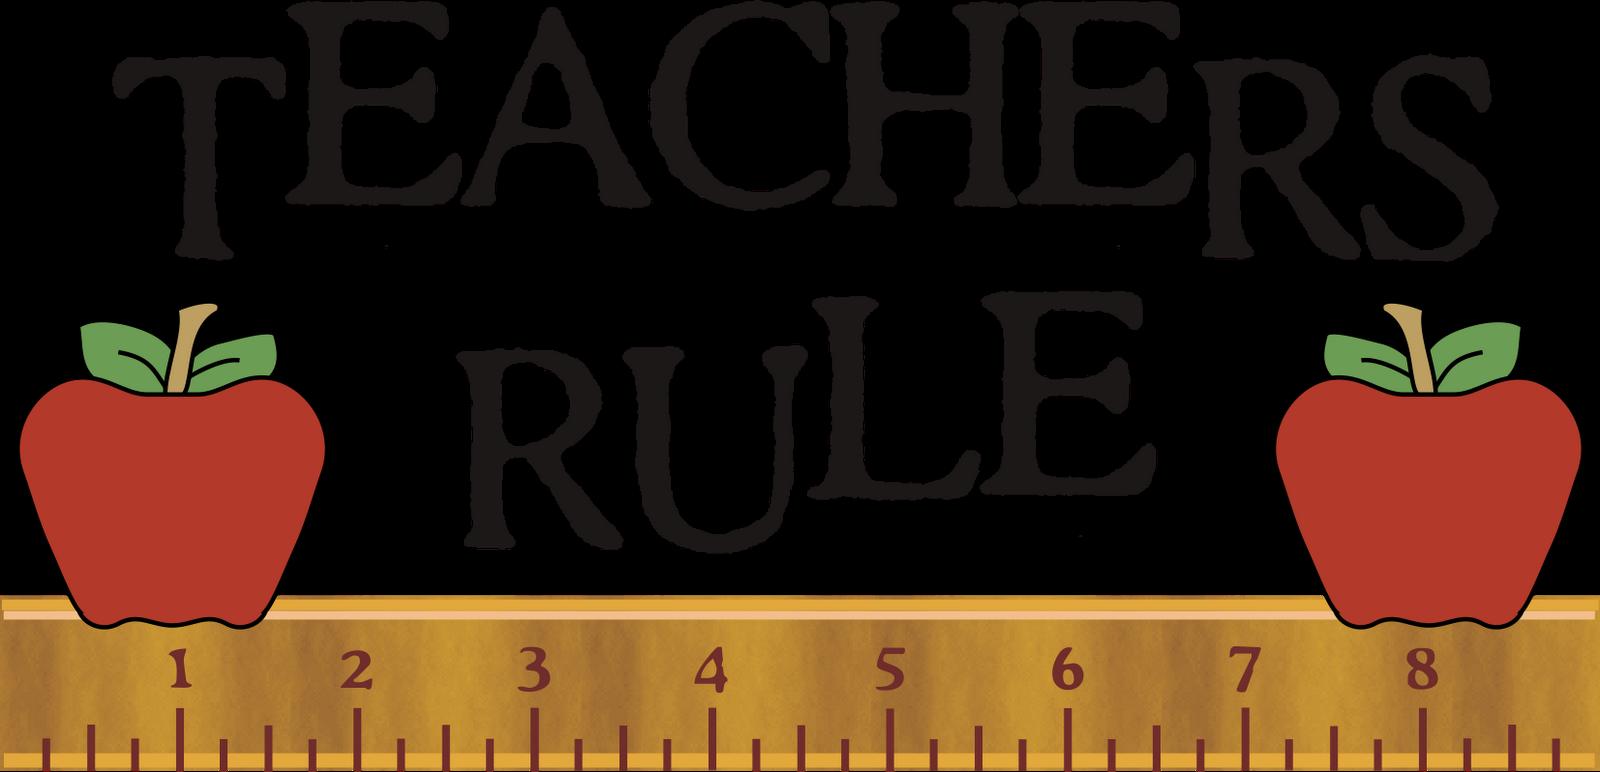 back to school clipart image clip art illustration of a teacher rh pinterest co uk free clipart for high school teachers school supplies clipart for teachers